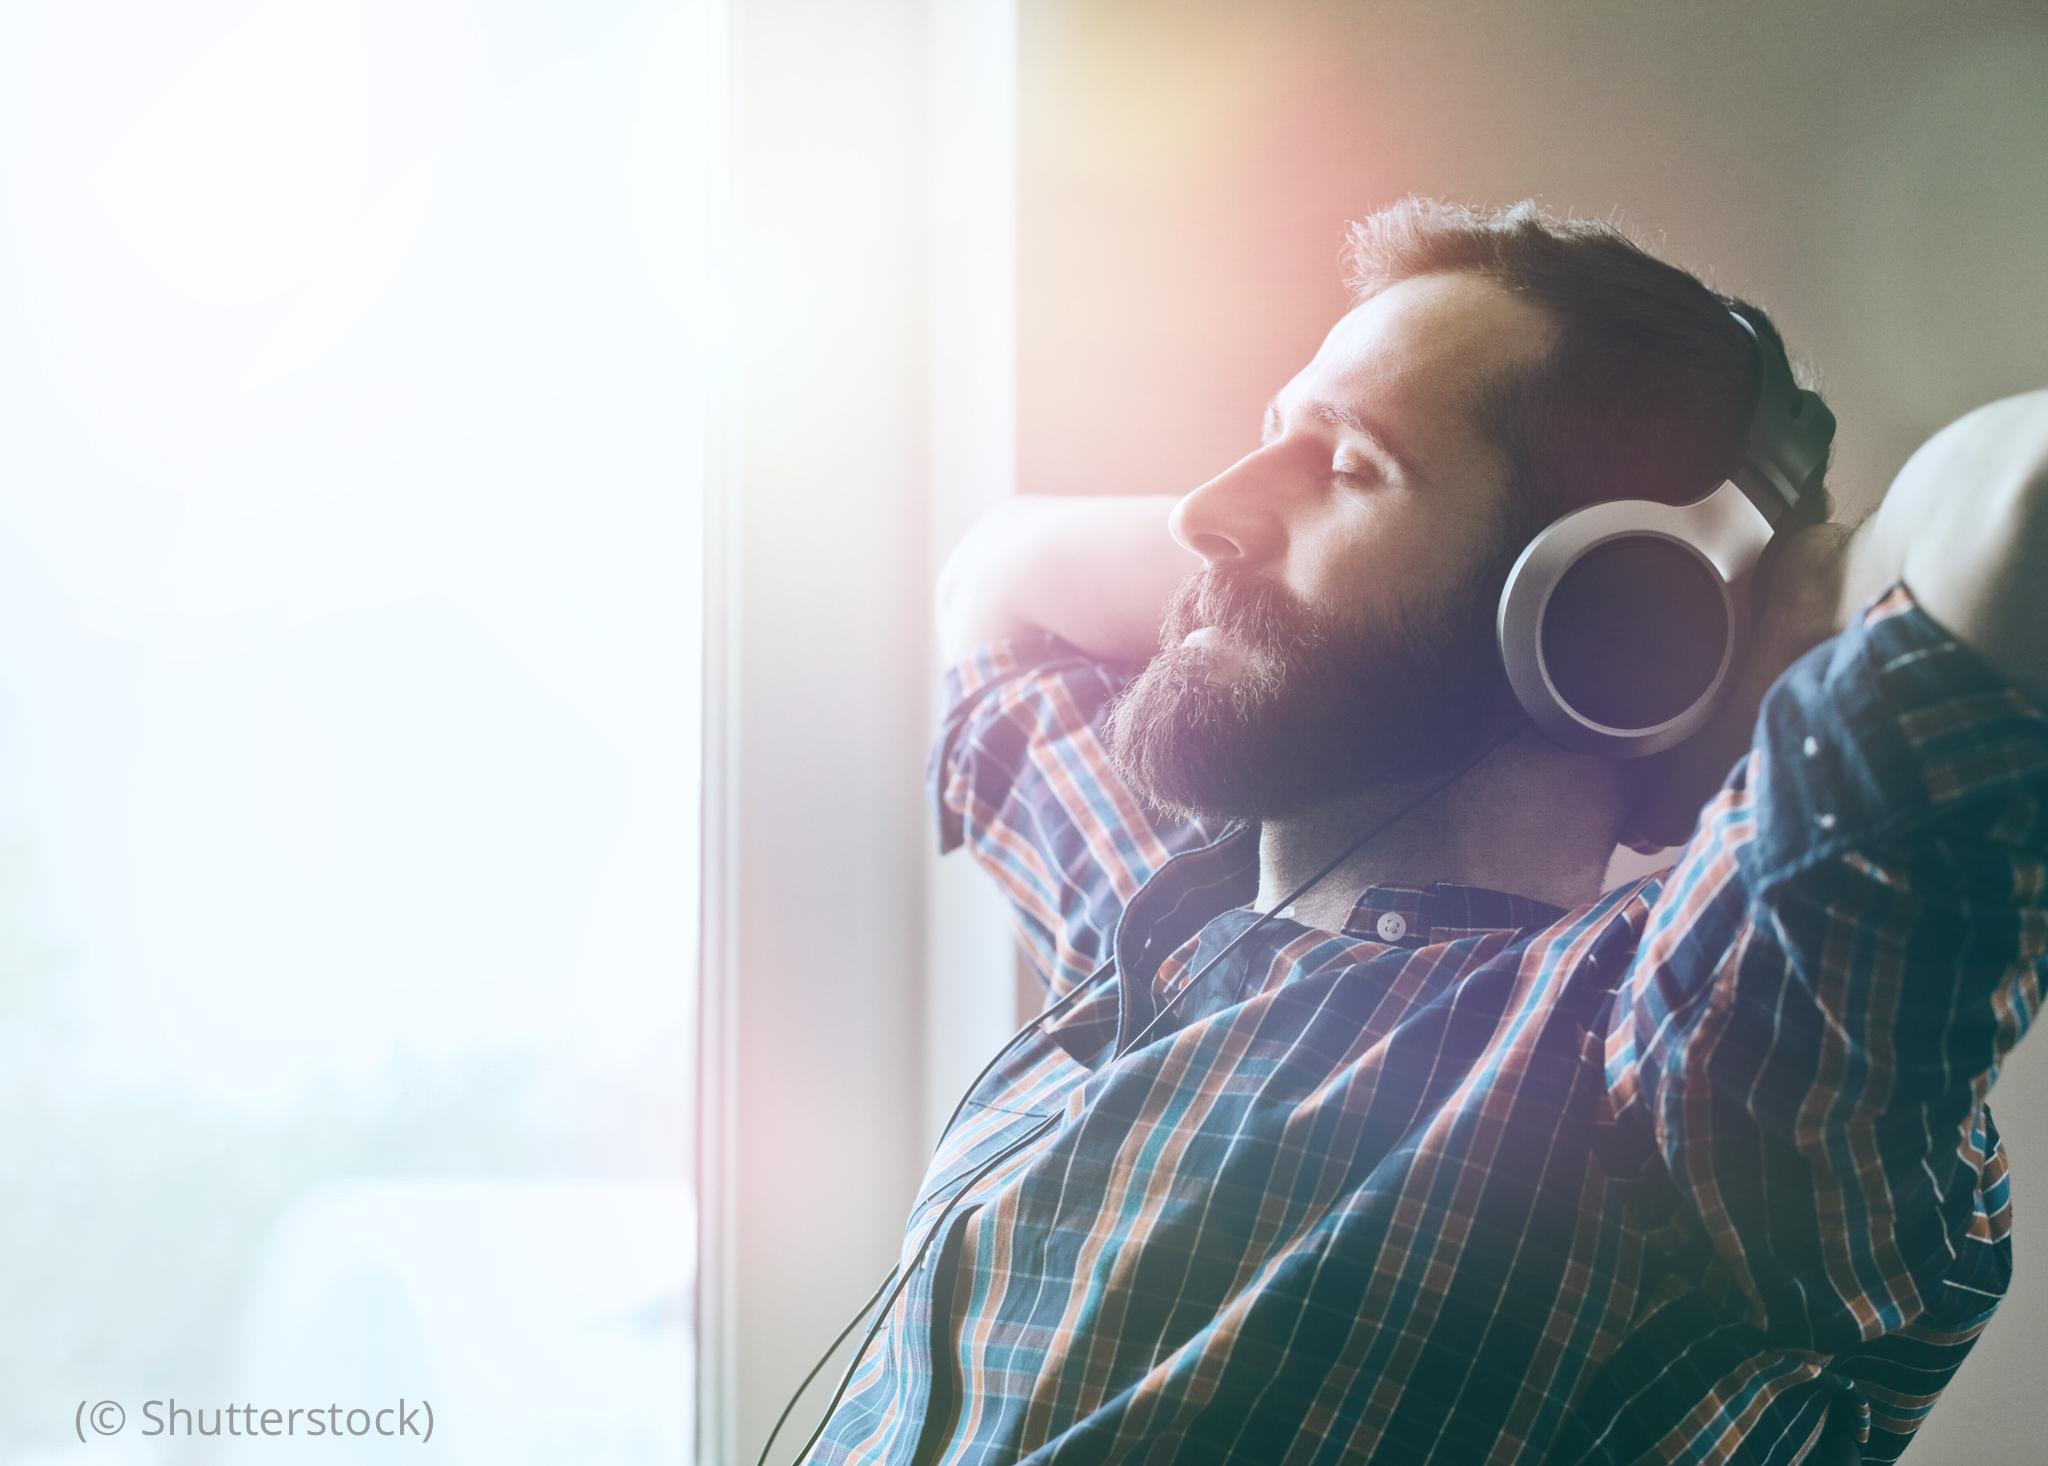 کانوں پر ہیڈفون لگائے کھڑکی کے قریب بیٹھا ایک آدمی۔ (© Shutterstock)